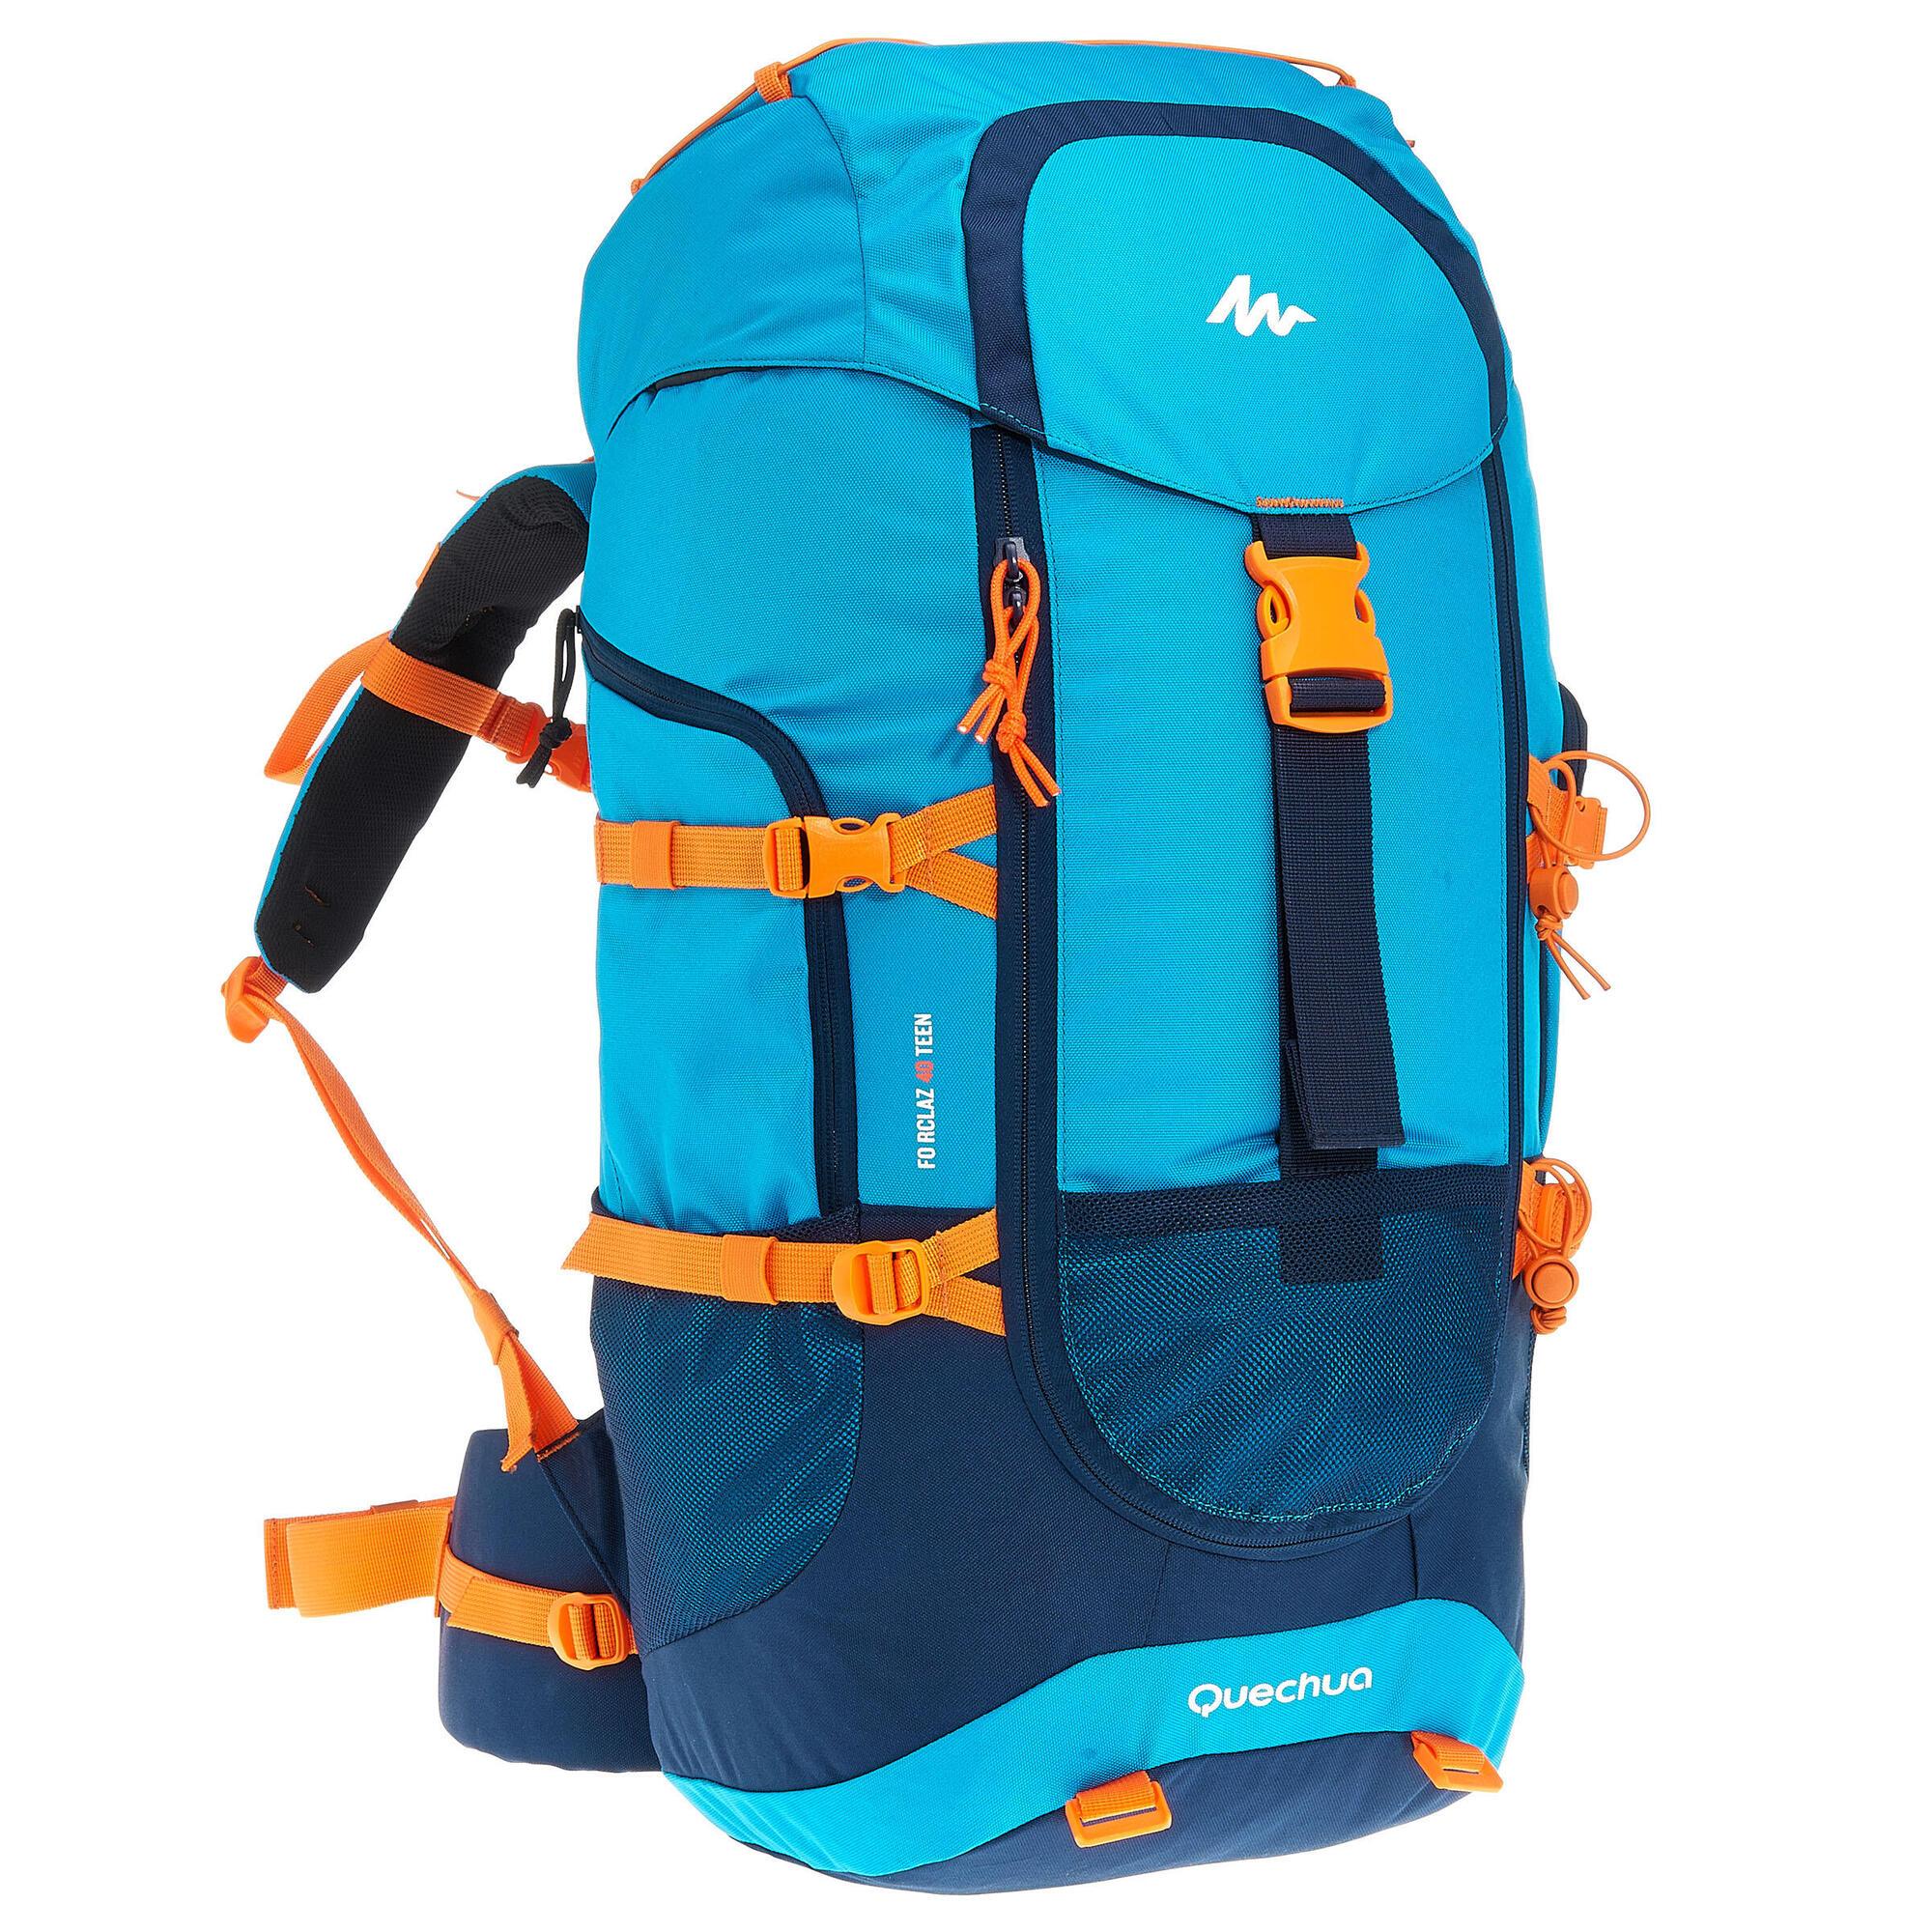 Sac A Dos Mh500 40l Noirorange- Quechua 40l Gris Uvpunx